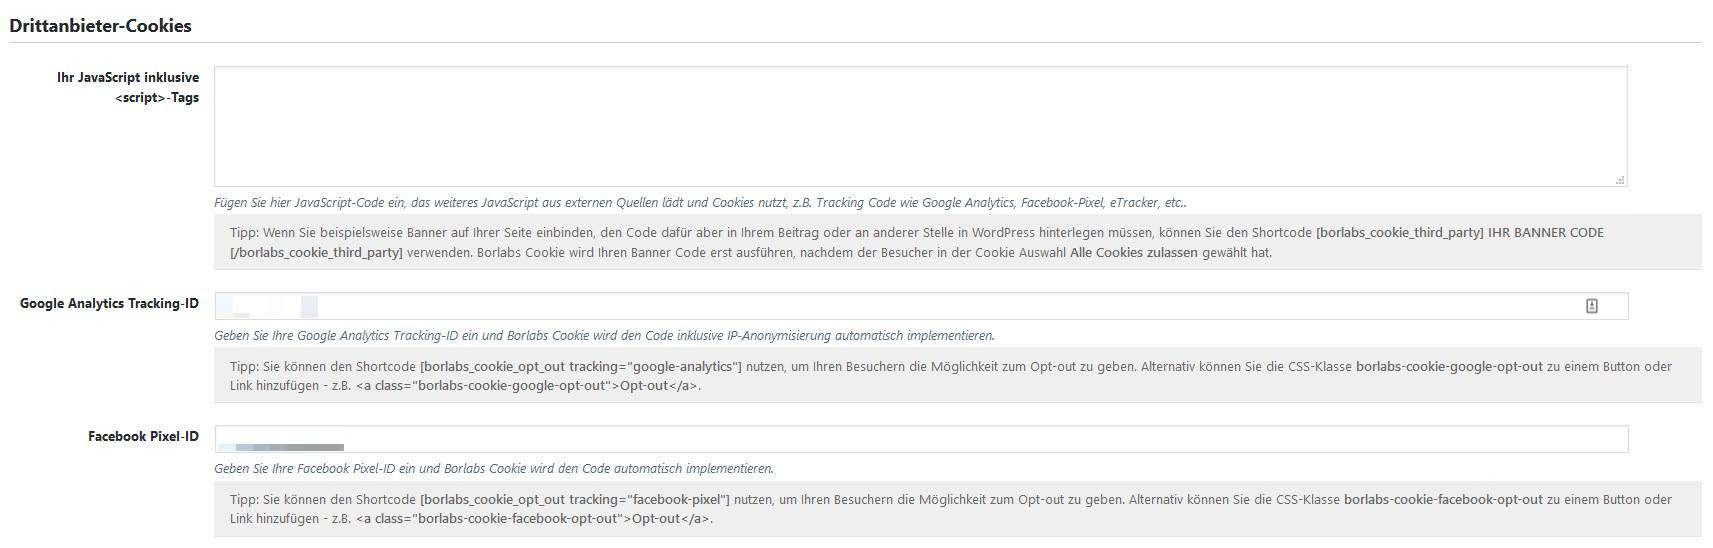 Borlabs Cookie: Drittanbieter Cookies via JavaScript oder Tracking-ID für Google Analytics und den Facebook-Pixel